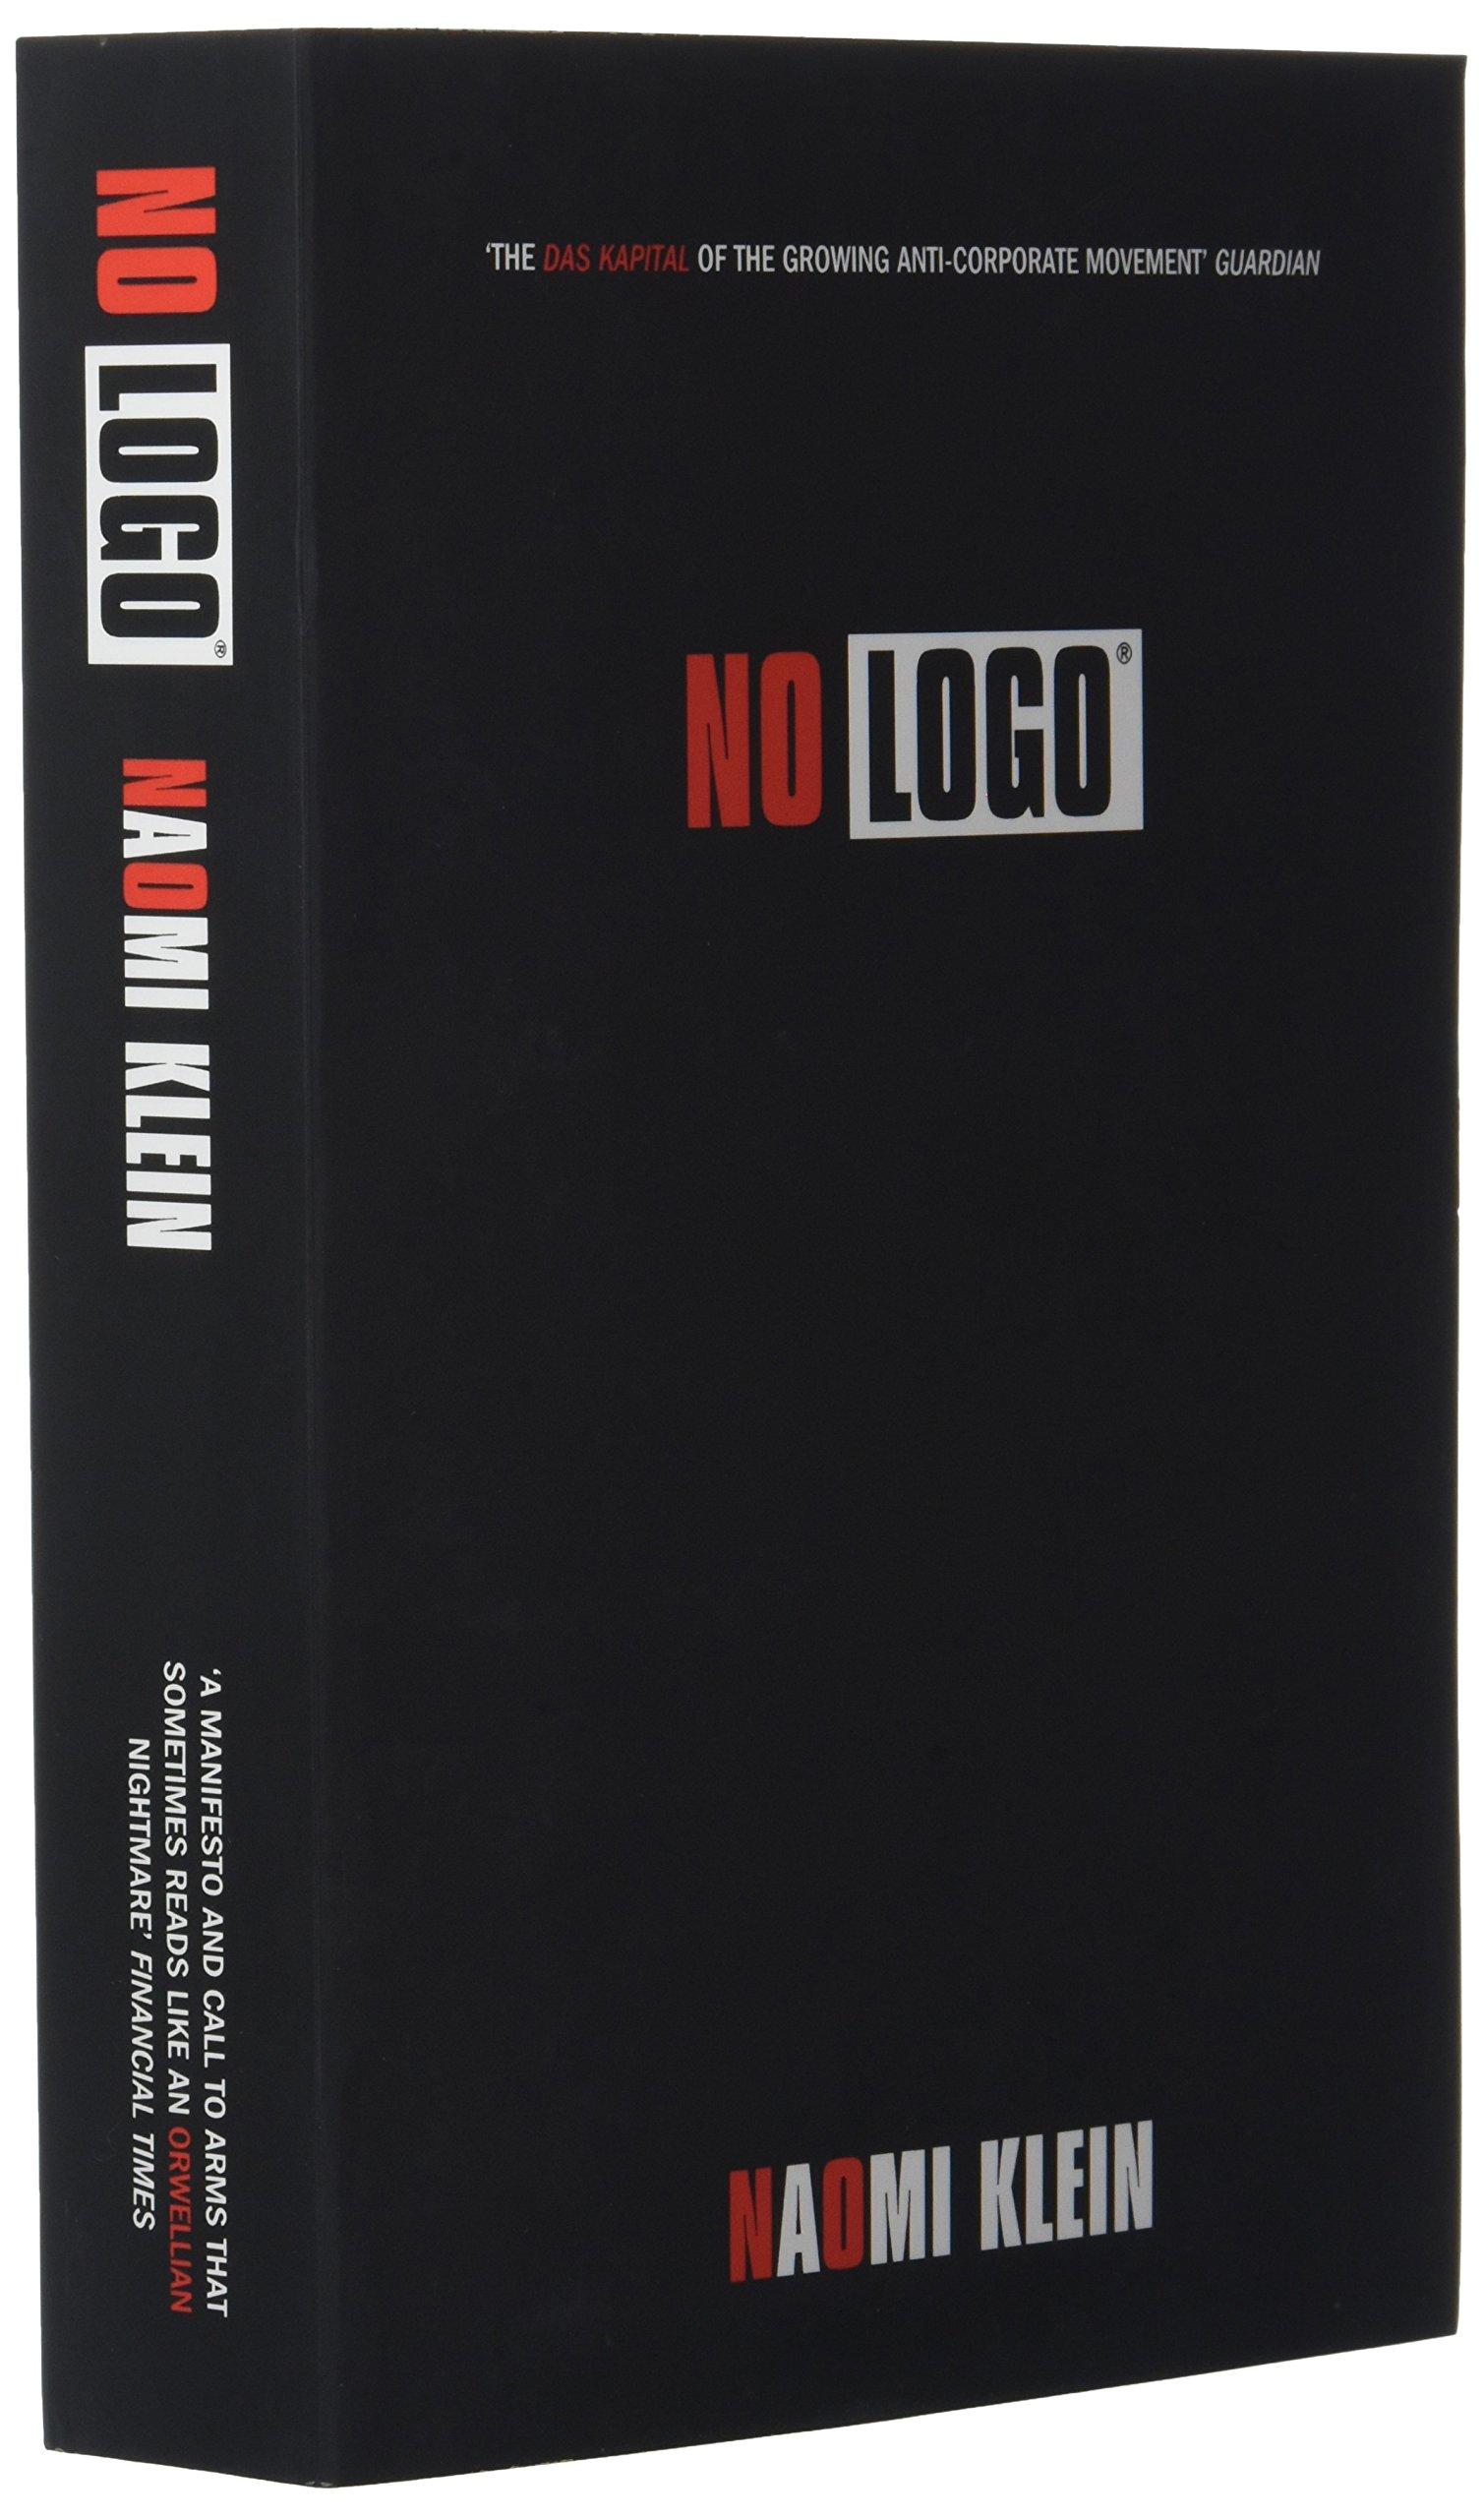 No Logo: Amazon.co.uk: Naomi Klein: 9780007340774: Books.